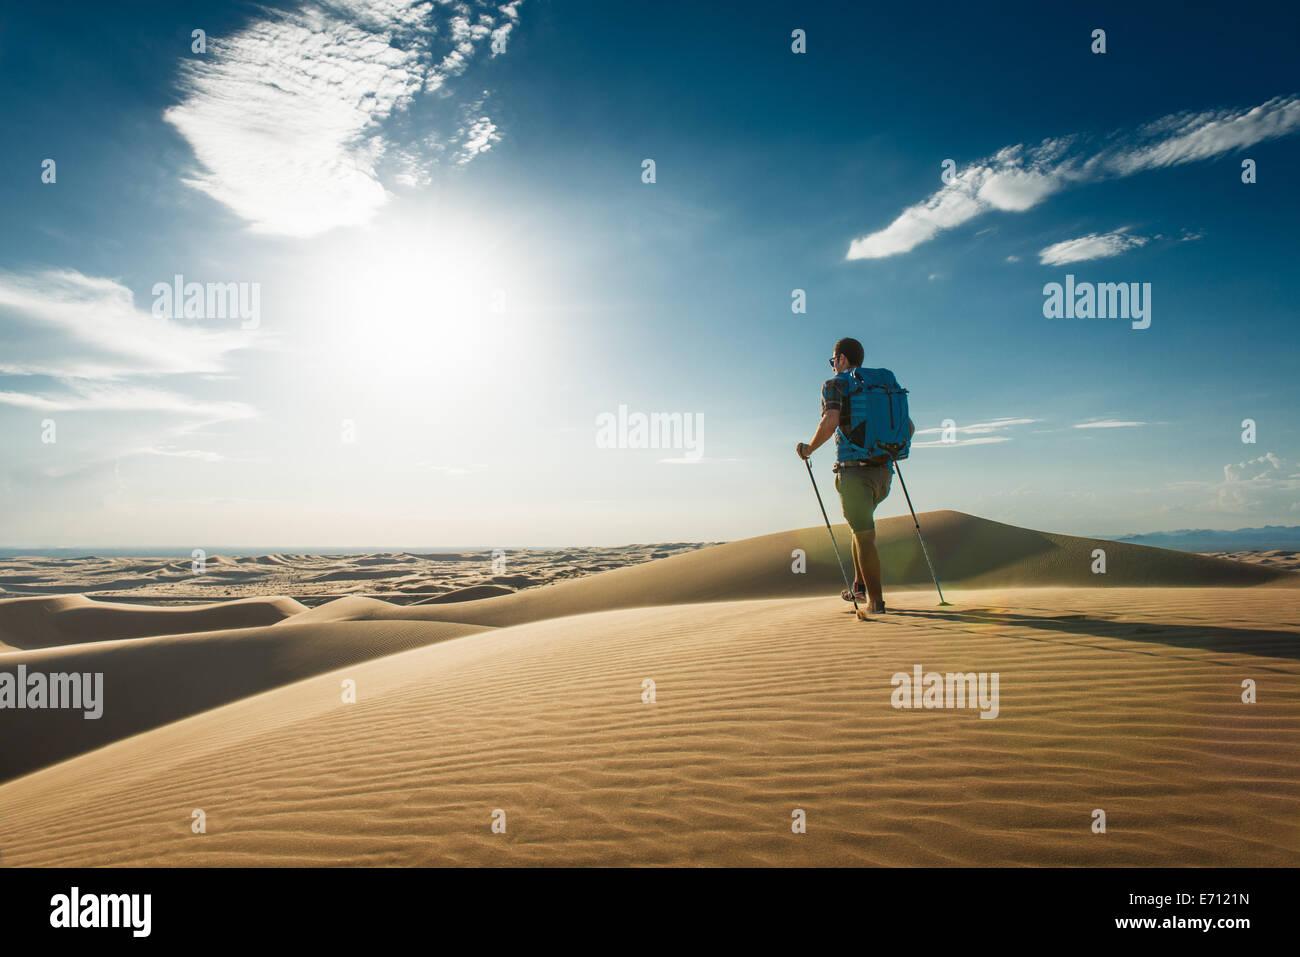 Menschen wandern in Glamis Sand Dunes, Kalifornien, USA Stockbild